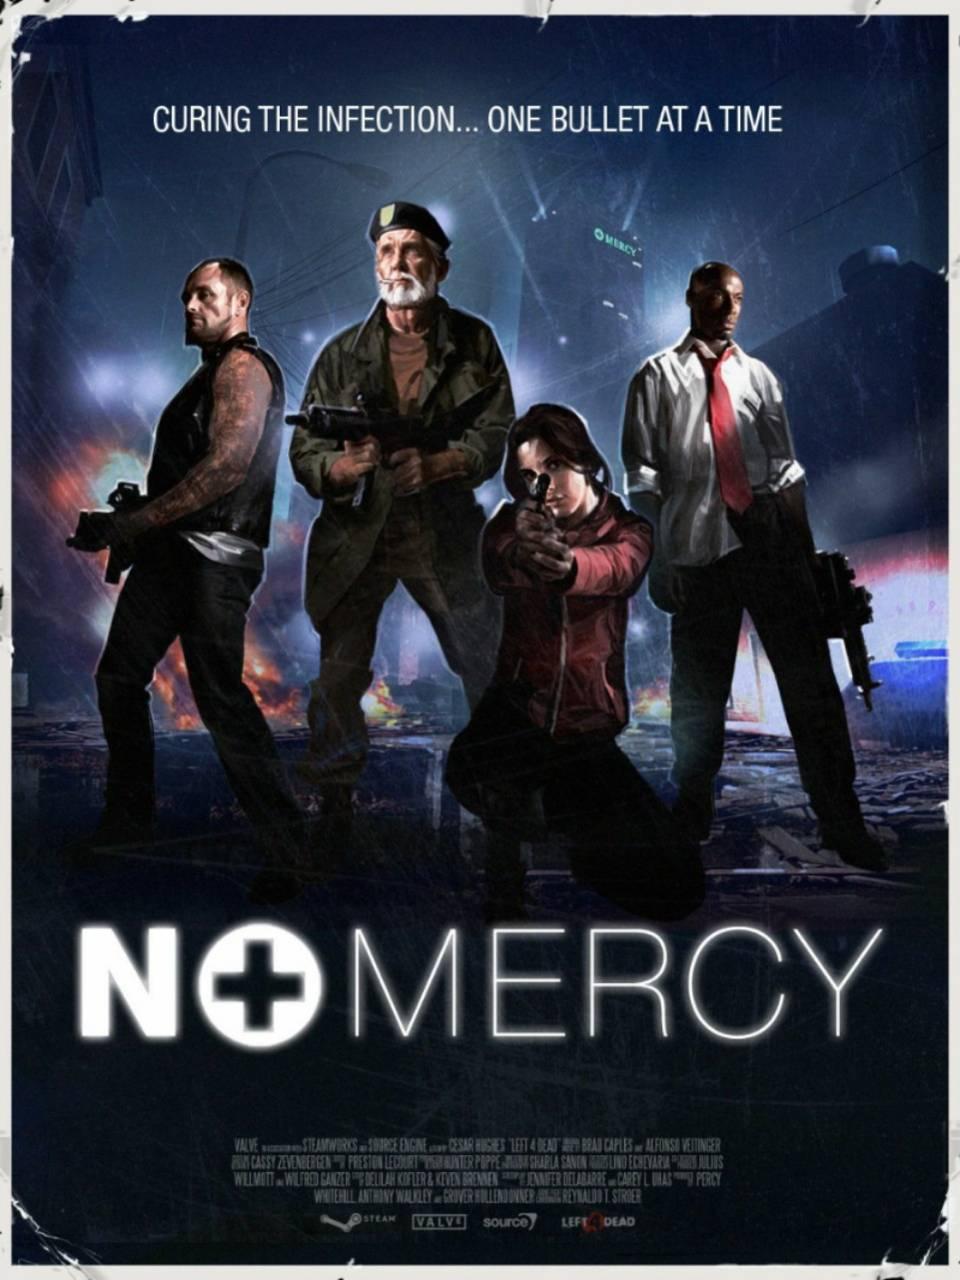 L4D No Mercy